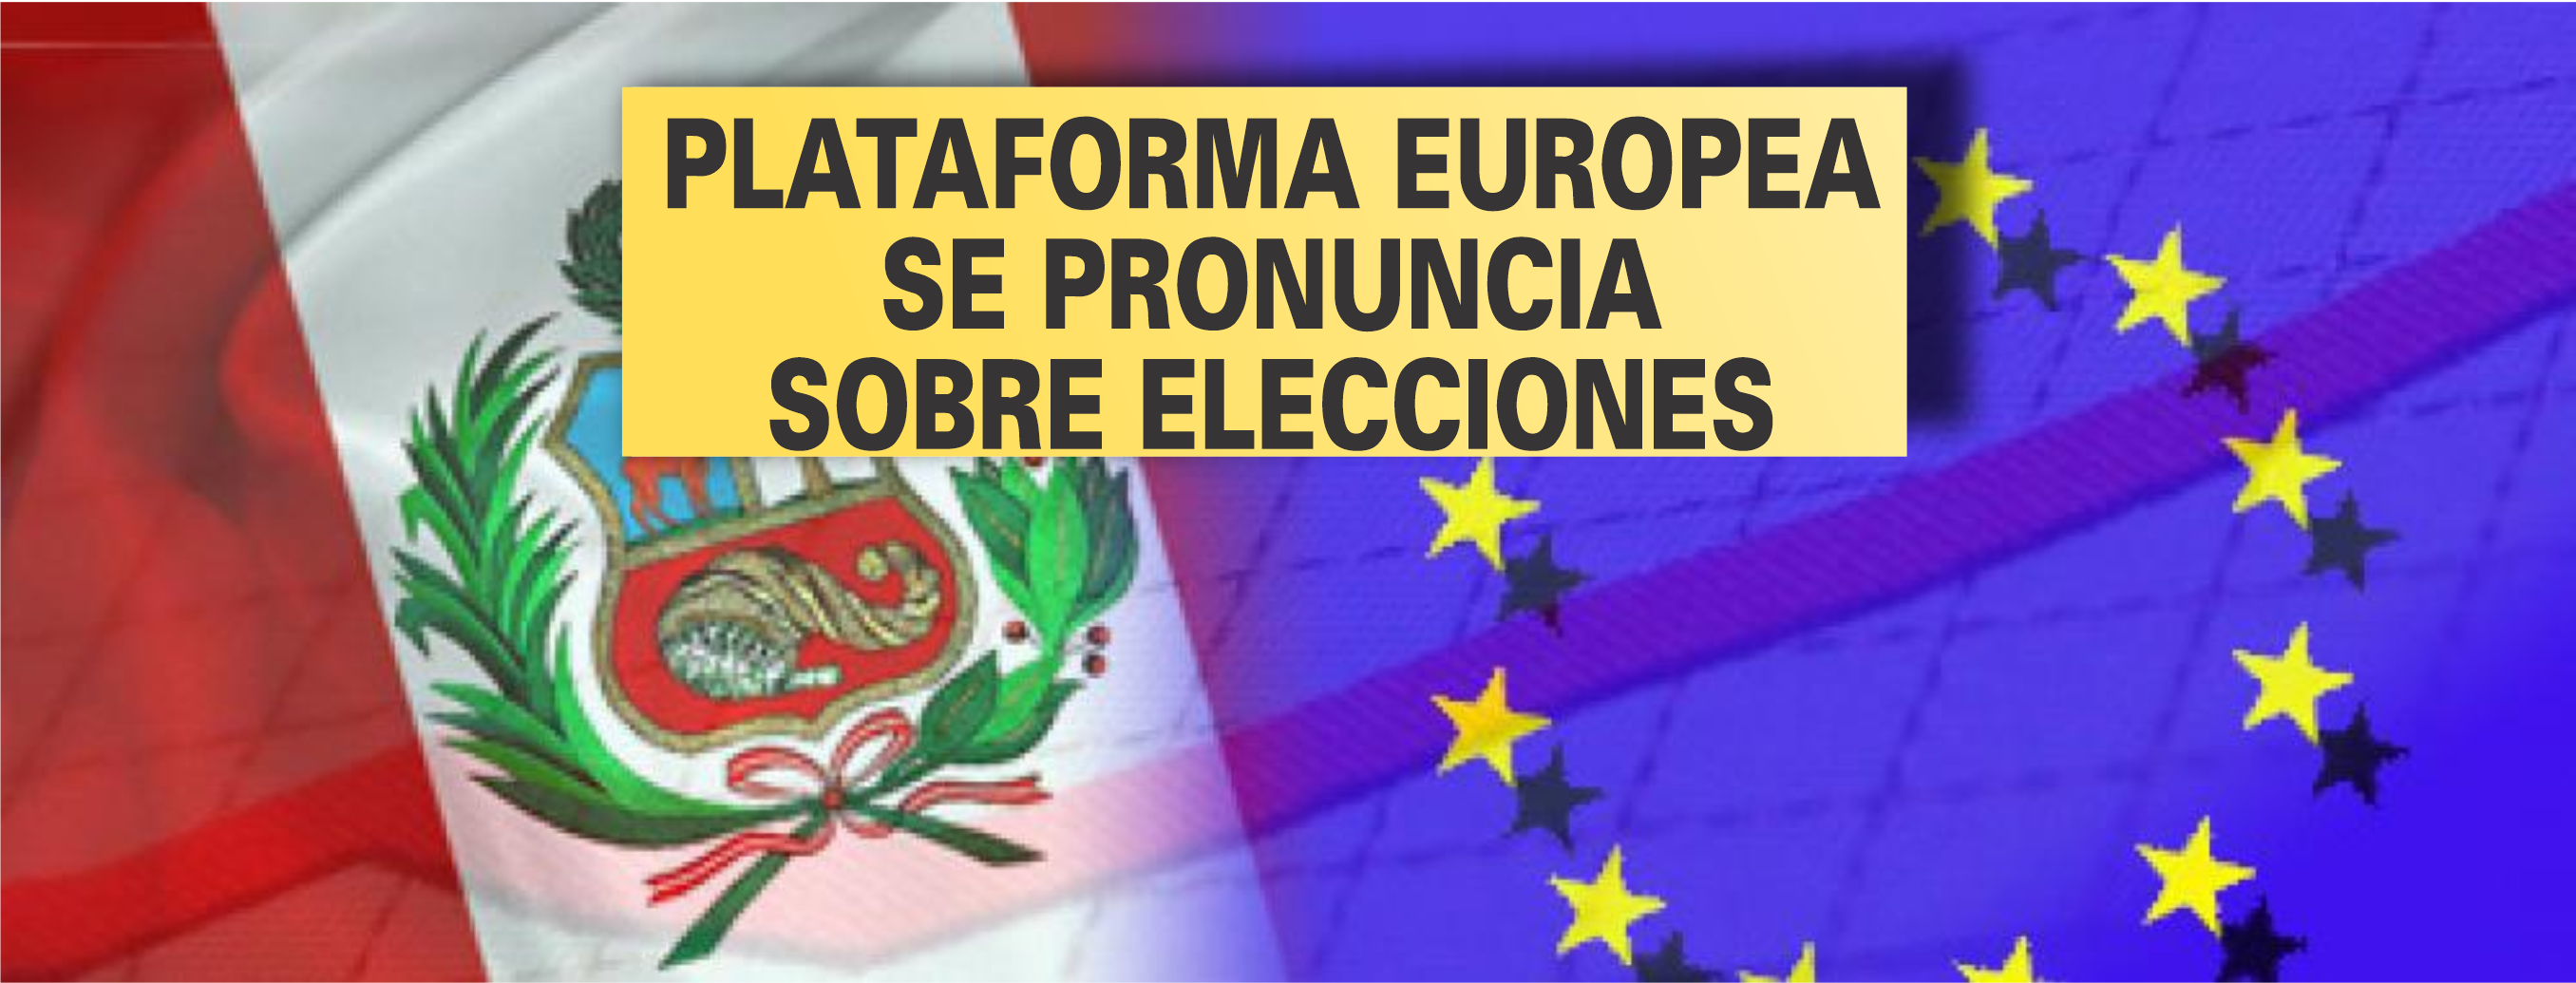 Plataforma Europea perú se pronuncia sobre elecciones en Perú y exhorta a garantizar la neutralidad